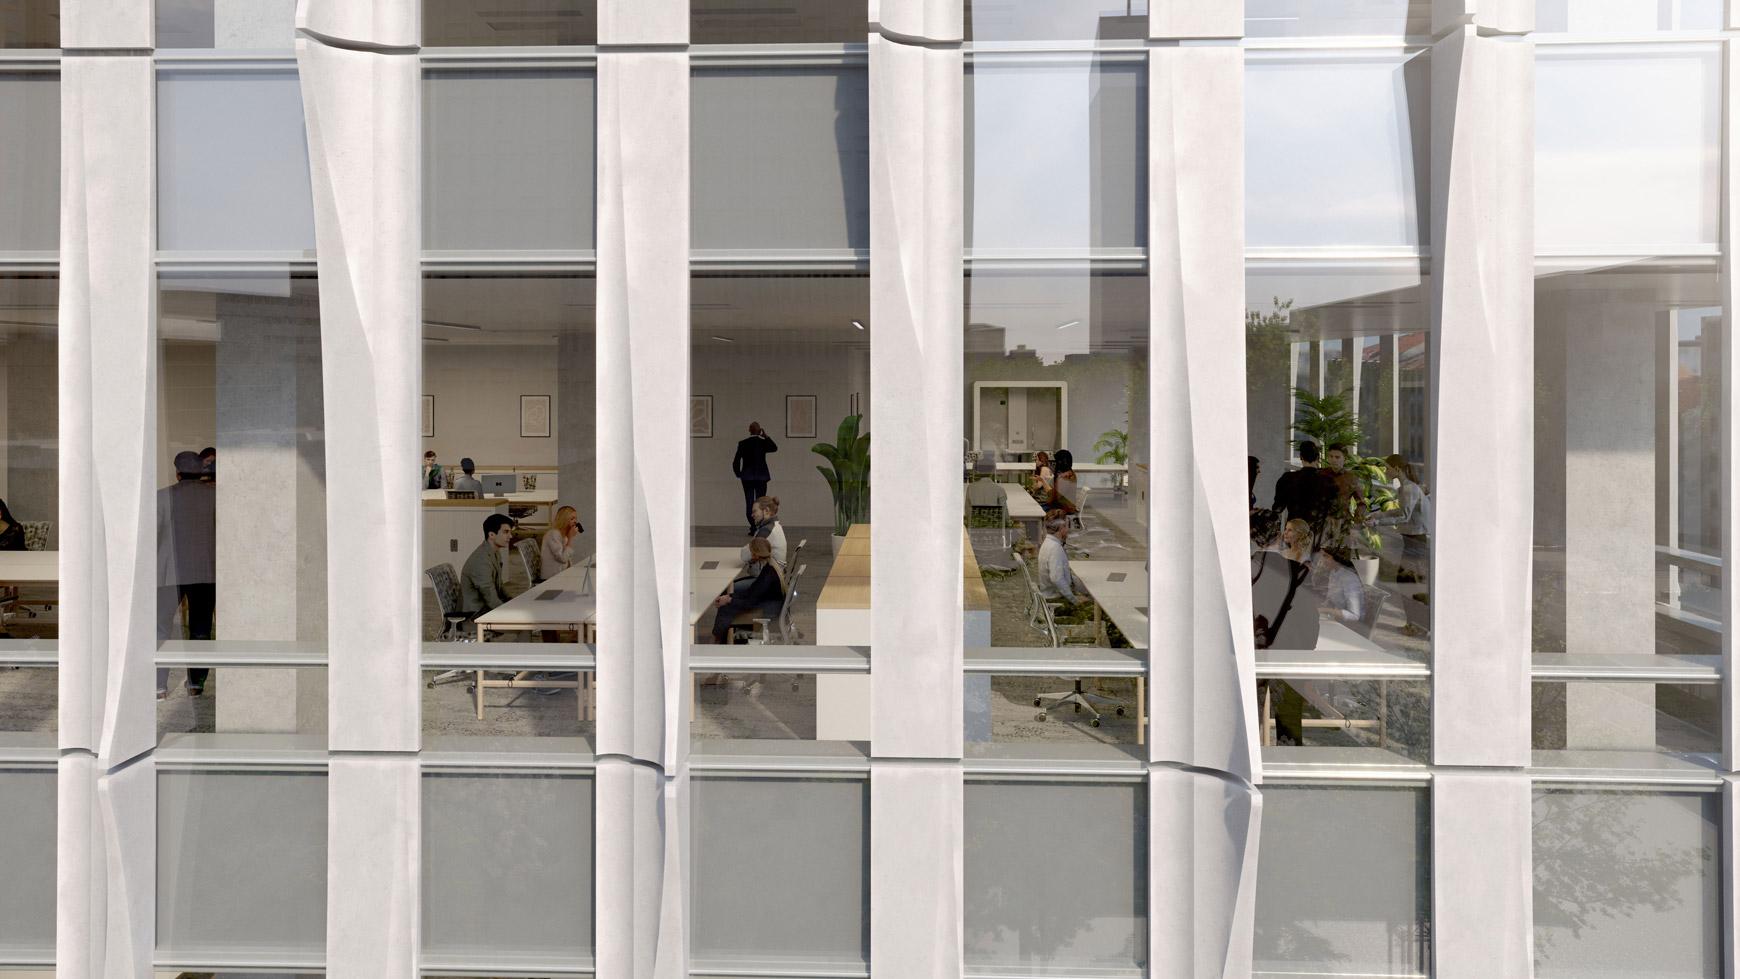 Bâtiment de bureaux, de logements et de commerces à Lyon Part-Dieu, certifié BREEAM EXCELLENT + NF HABITAT HQE + HQE BATIMENT, réalisé par le pôle Tertiaire de l'agence d'architecture SOHO ATLAS IN FINE LYON. Perspective, zoom sur façades.